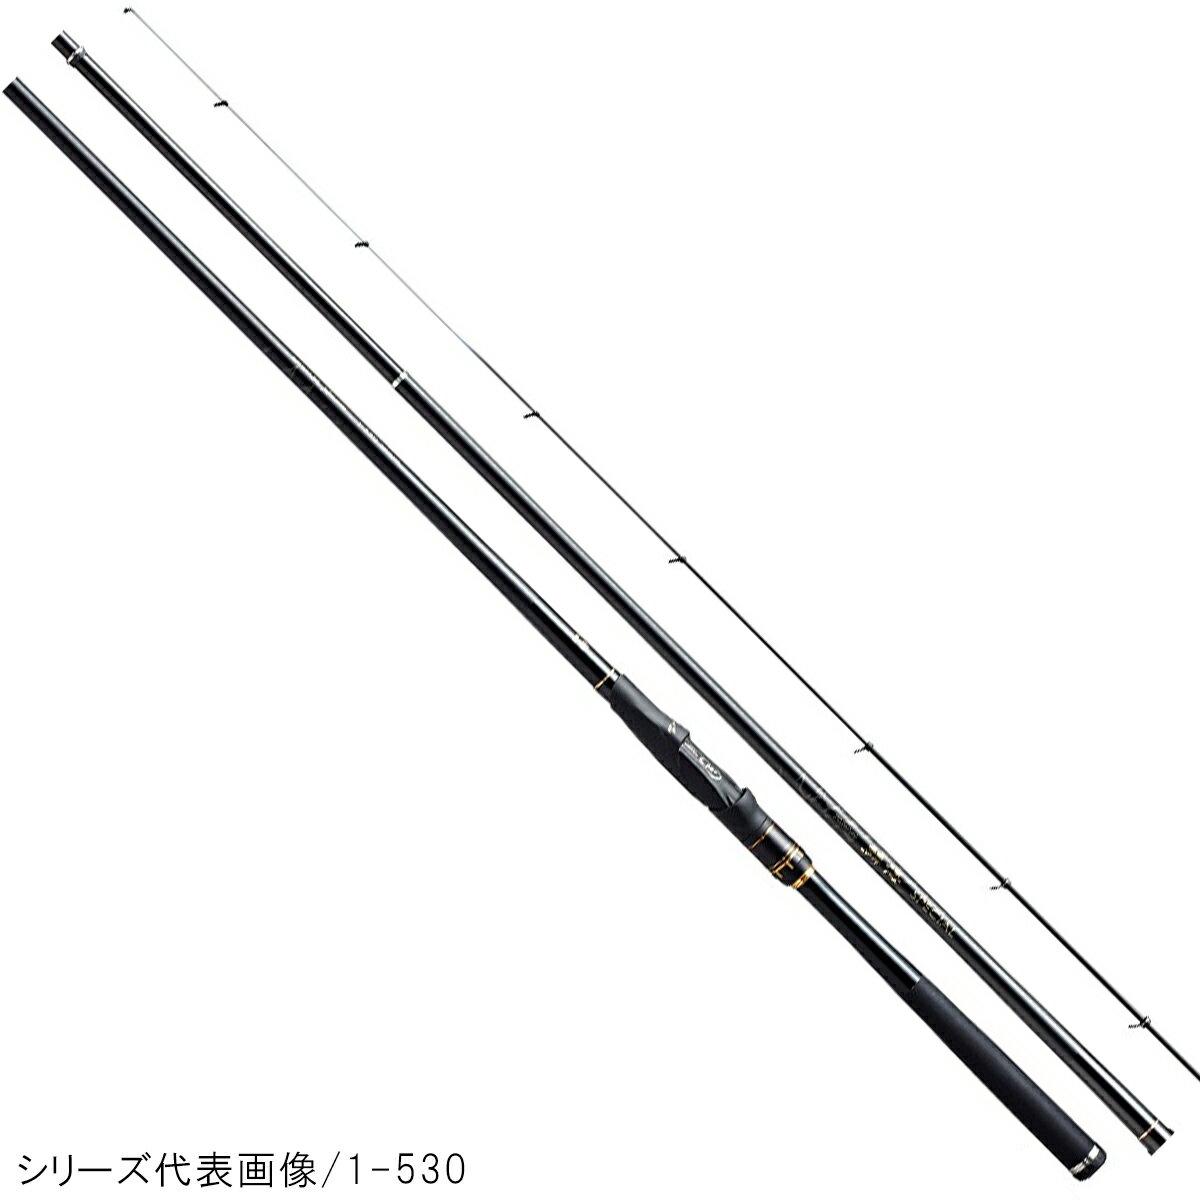 シマノ 鱗海 スペシャル 08-500